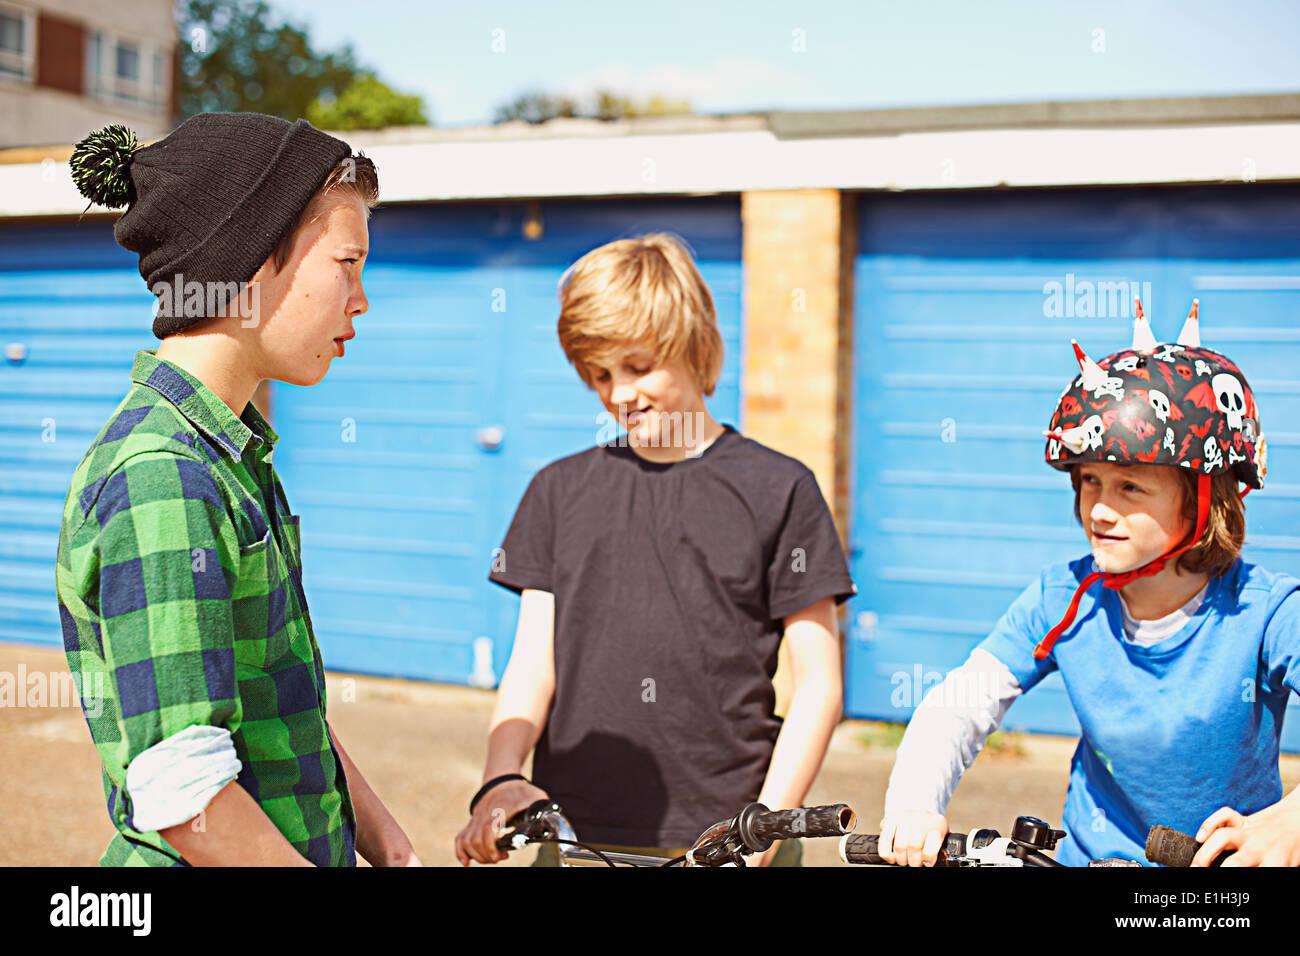 Tres muchachos hablando cerca de garajes Imagen De Stock